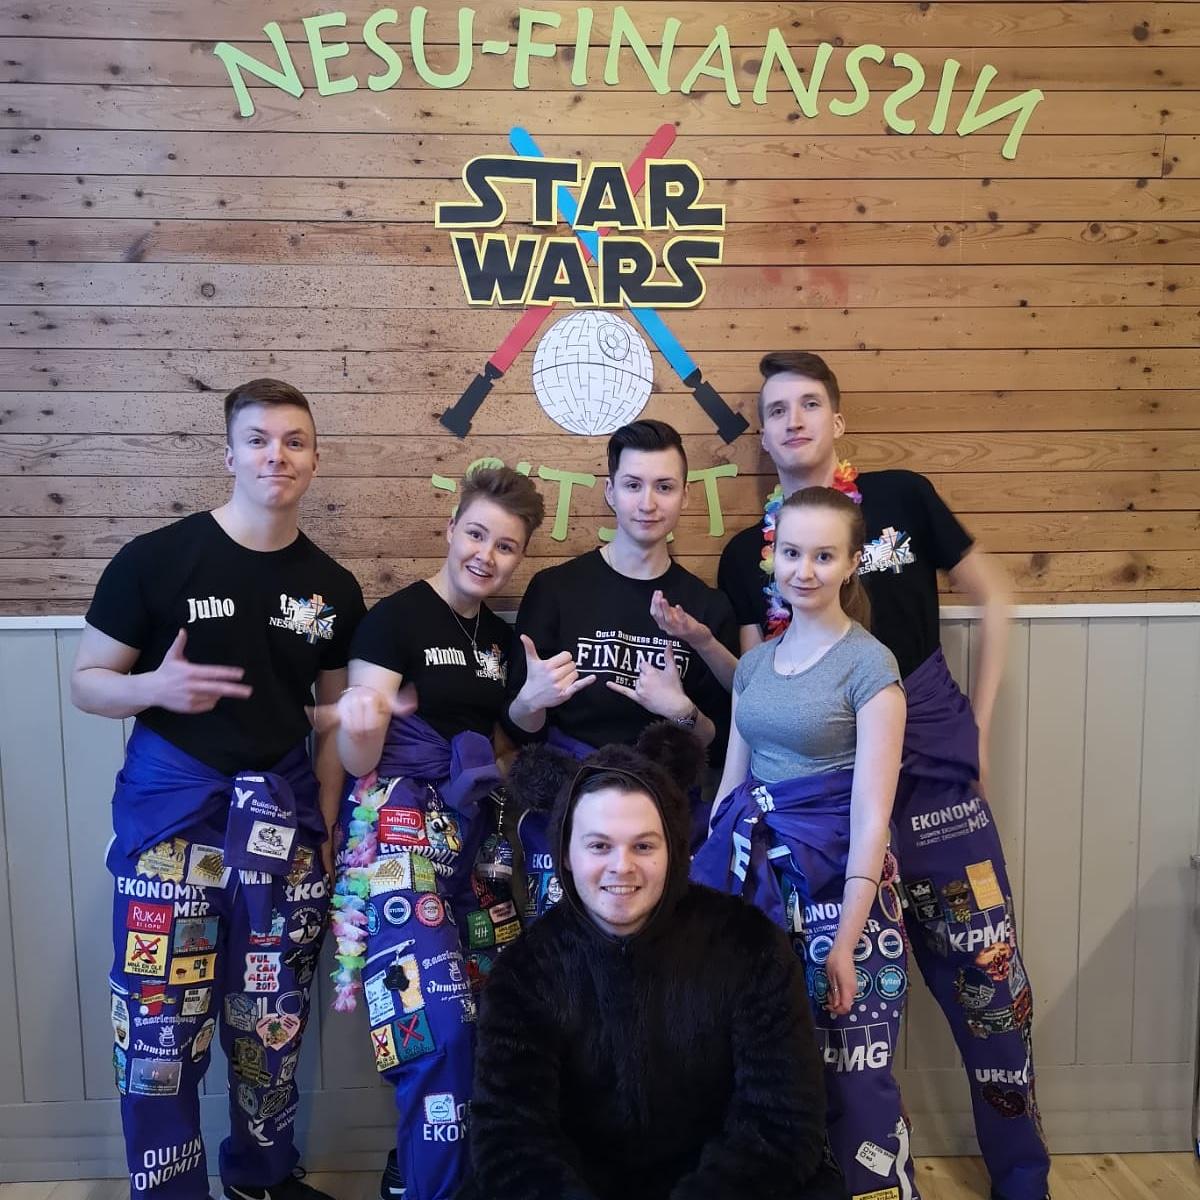 Welcome to NESU: NESU-Finanssi